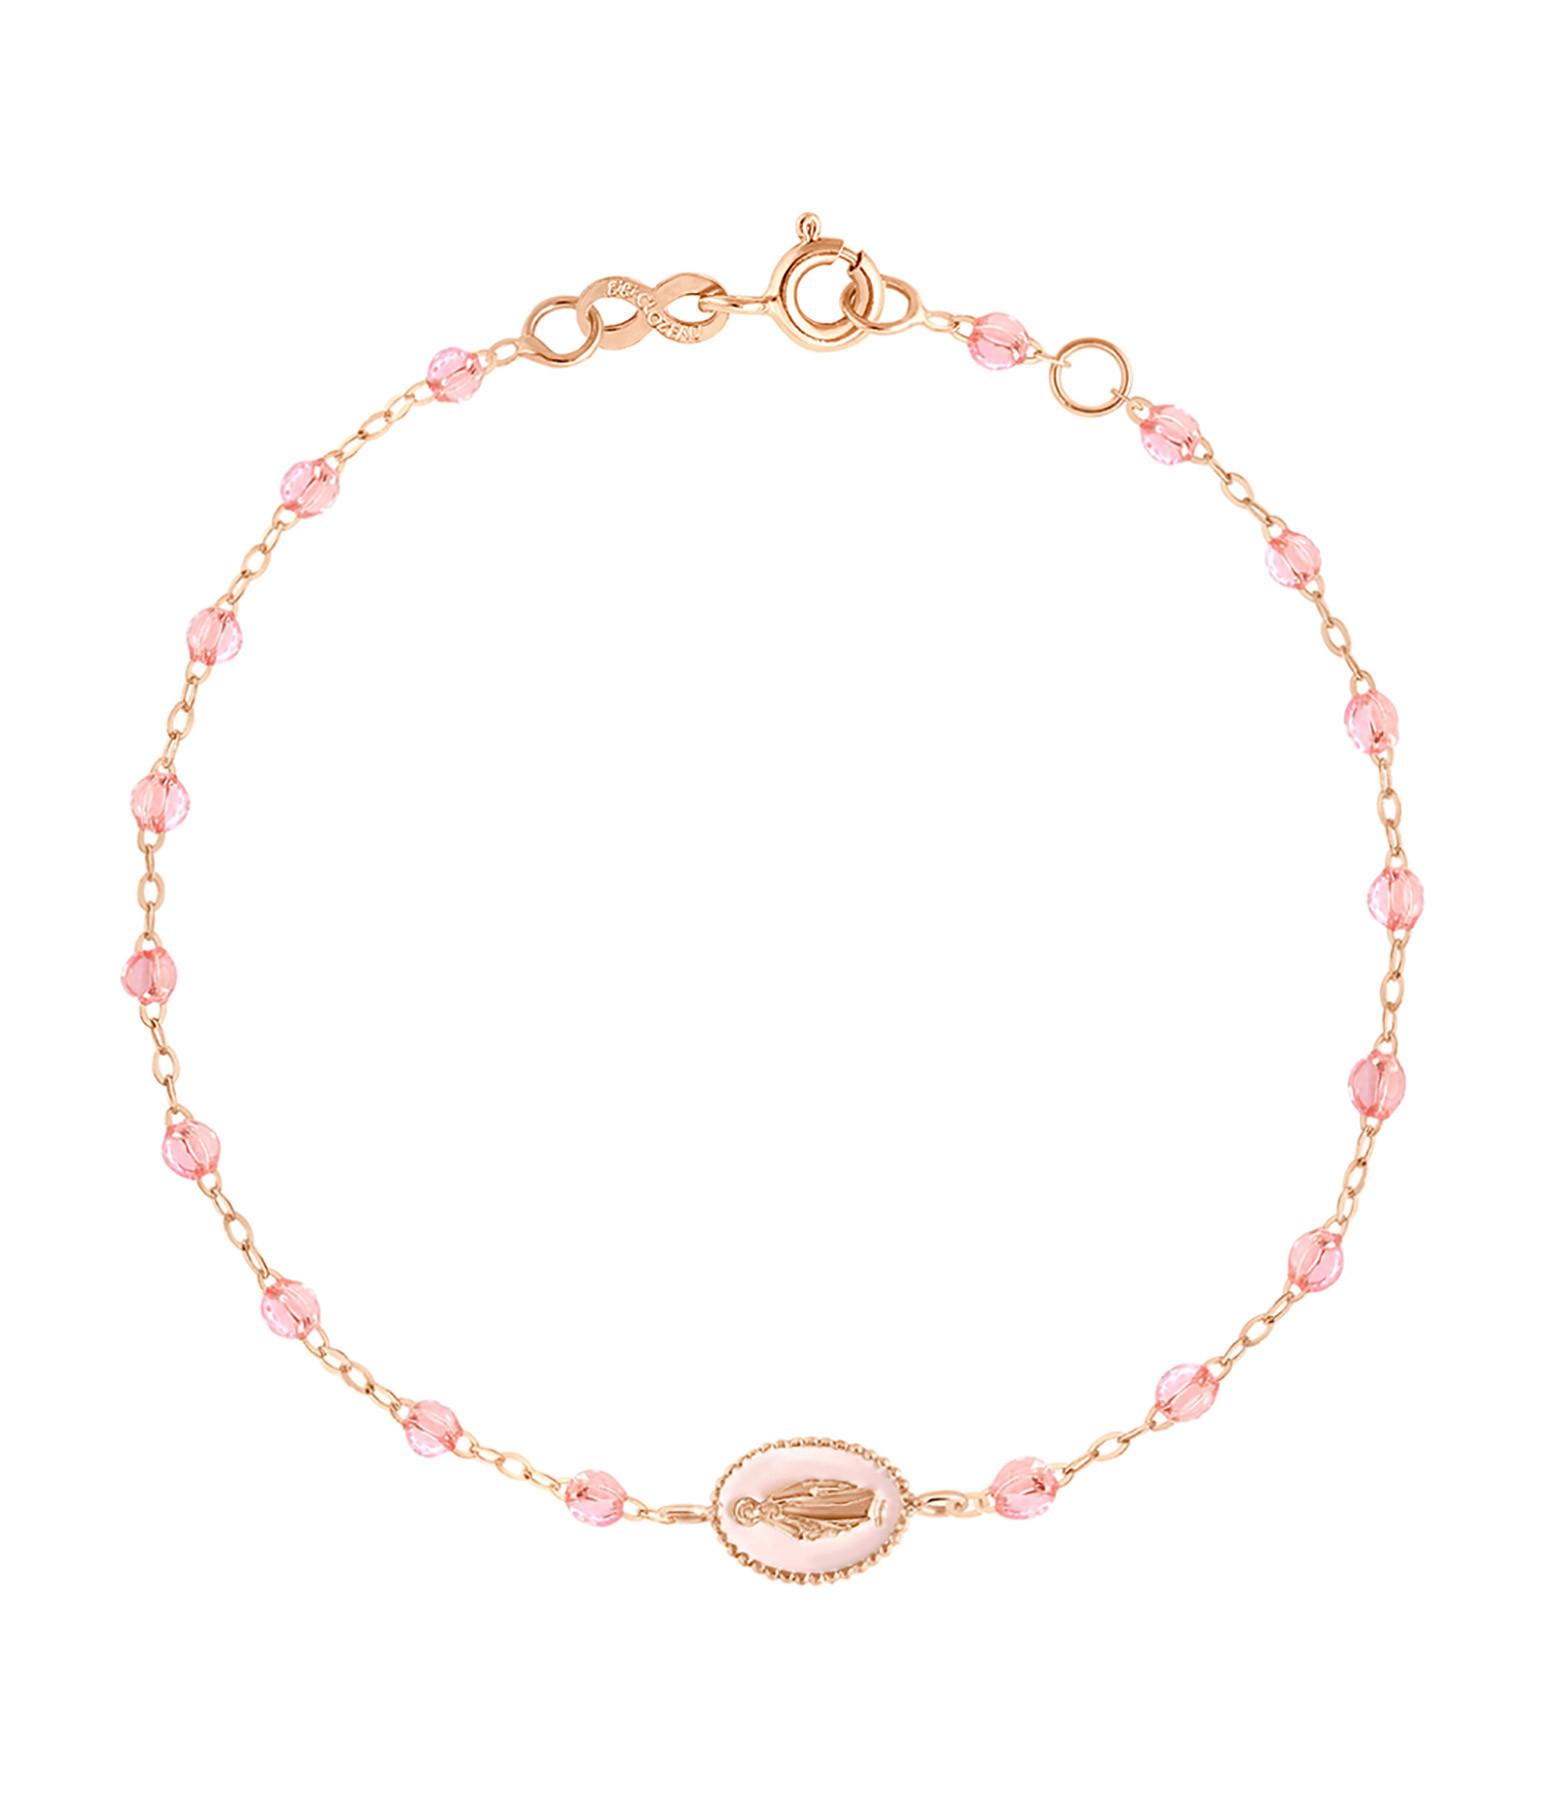 GIGI CLOZEAU - Bracelet Perles Résine Médaille Madone Transparents Or Gris